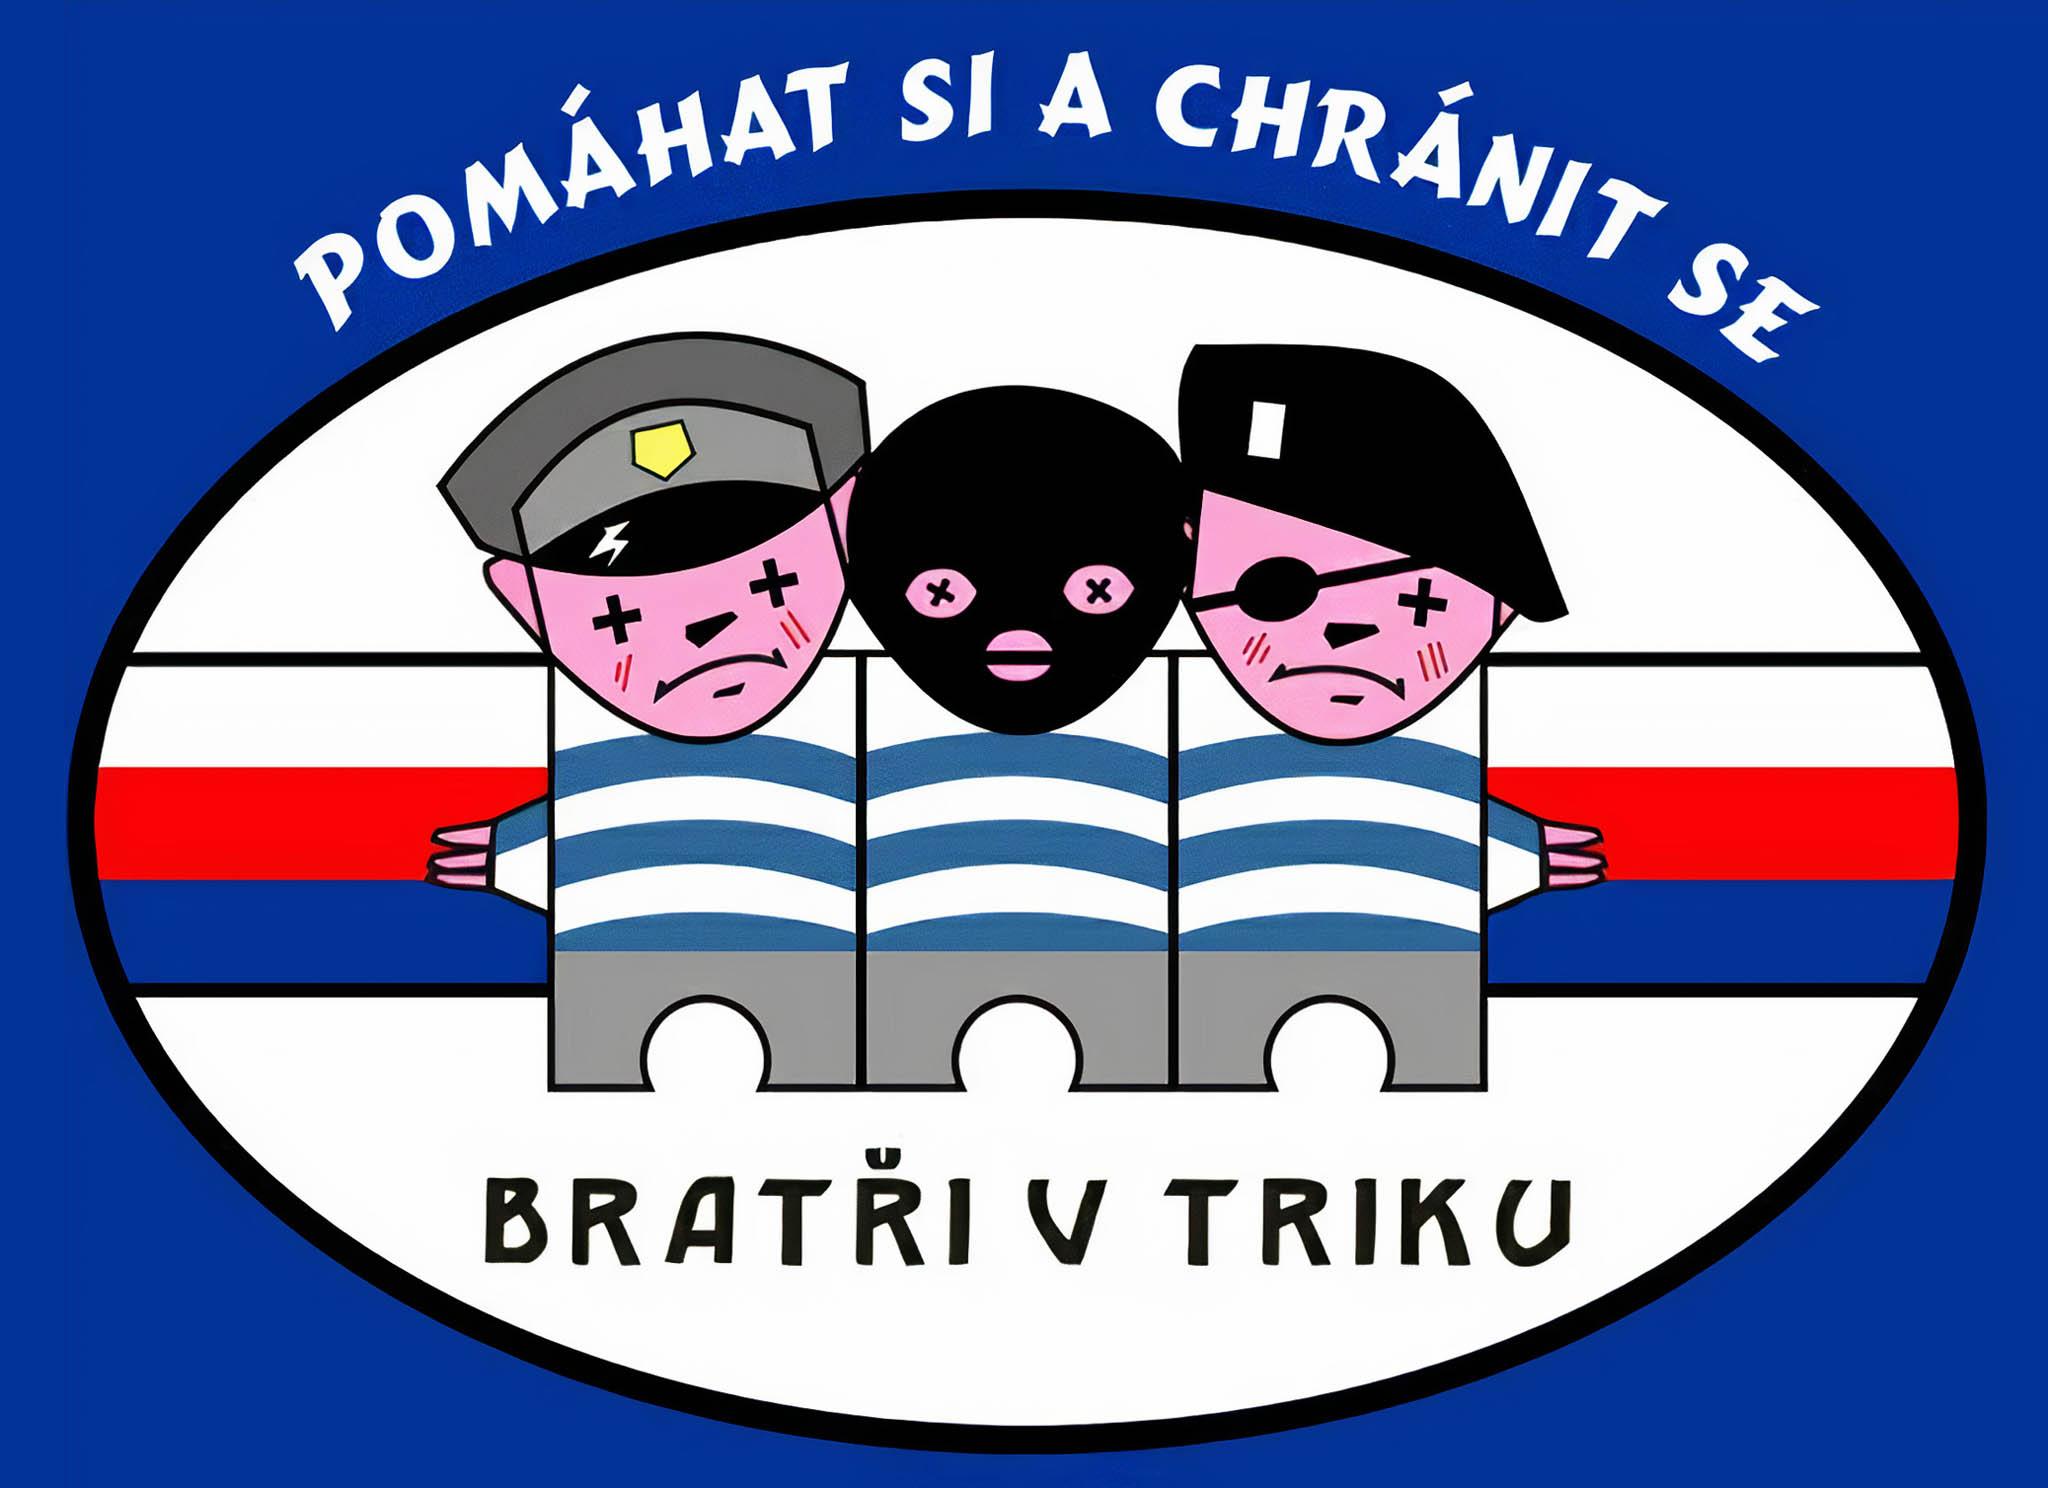 Veselí policisté. Logo občanského sdružení, pojmenovaného Bratři vtriku, pro bývalé členy bezpečnostních složek ilustruje, jak asi jeho členové svou práci pojímali.